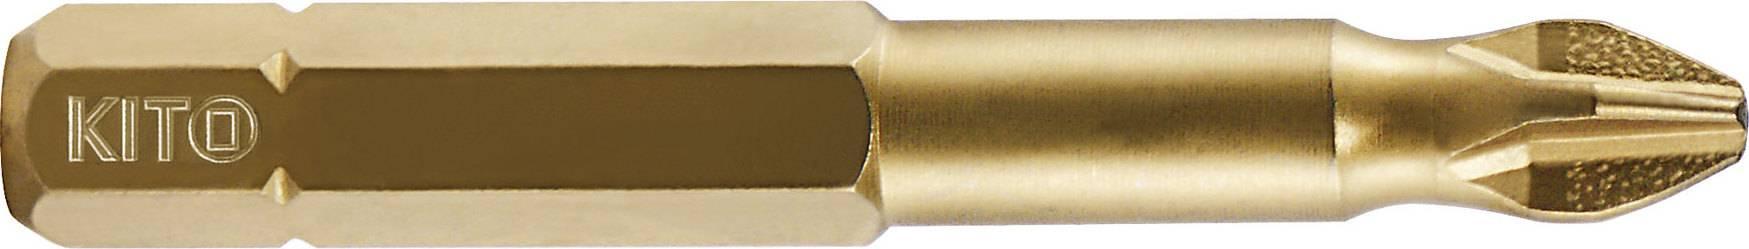 hrot, PH 1x50mm, S2/TiN 4821101 KITO